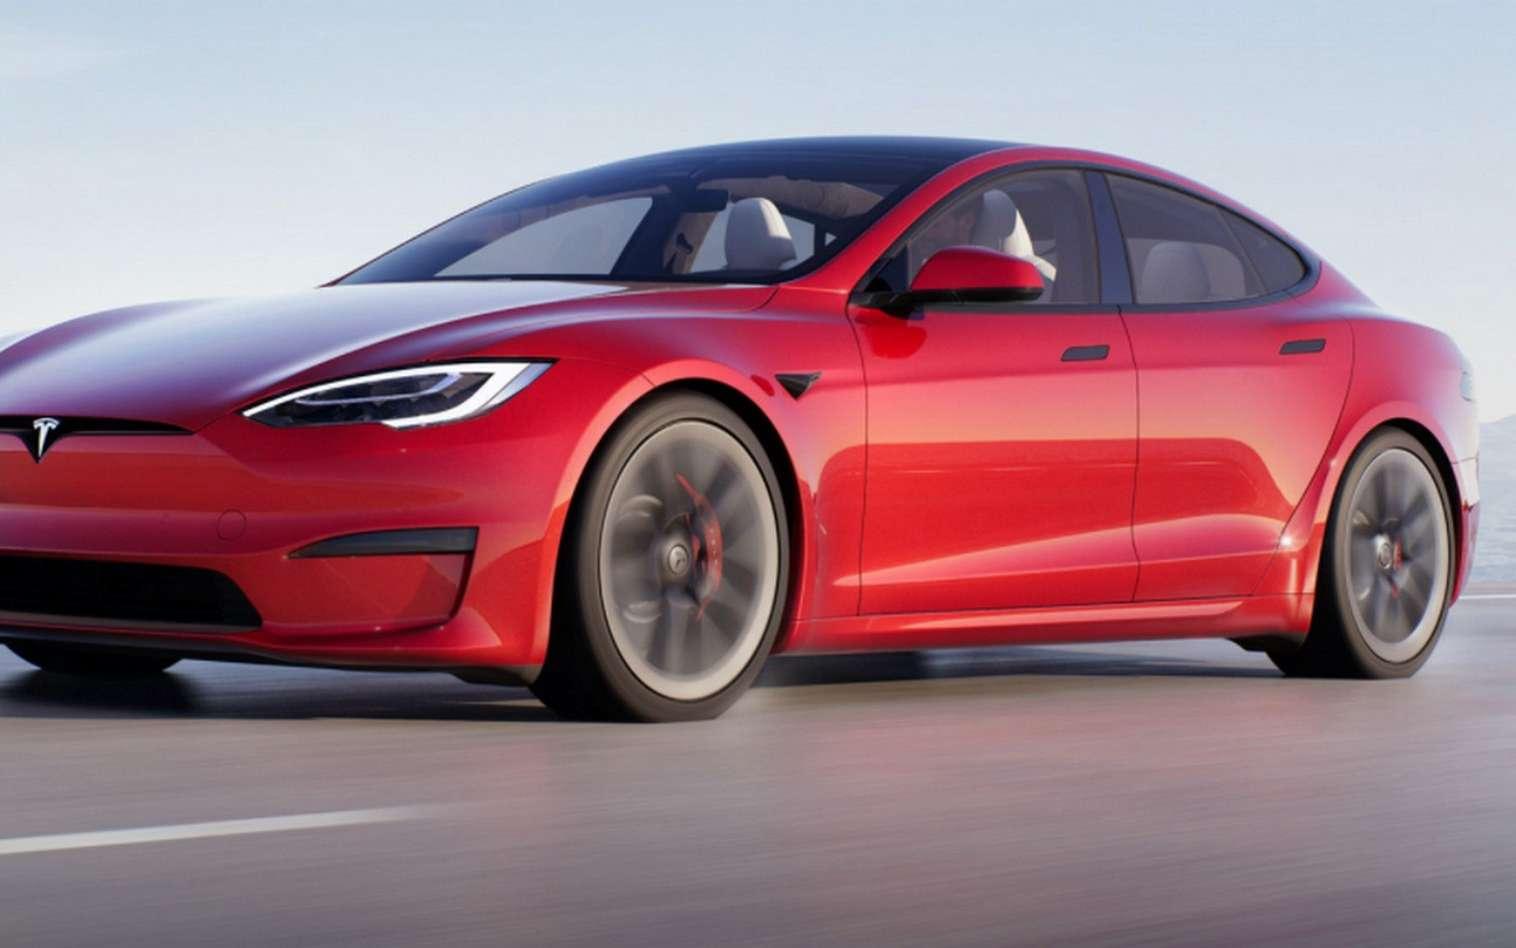 La carrosserie de la Tesla Model S 2021 a évolué par petites touches. © Tesla